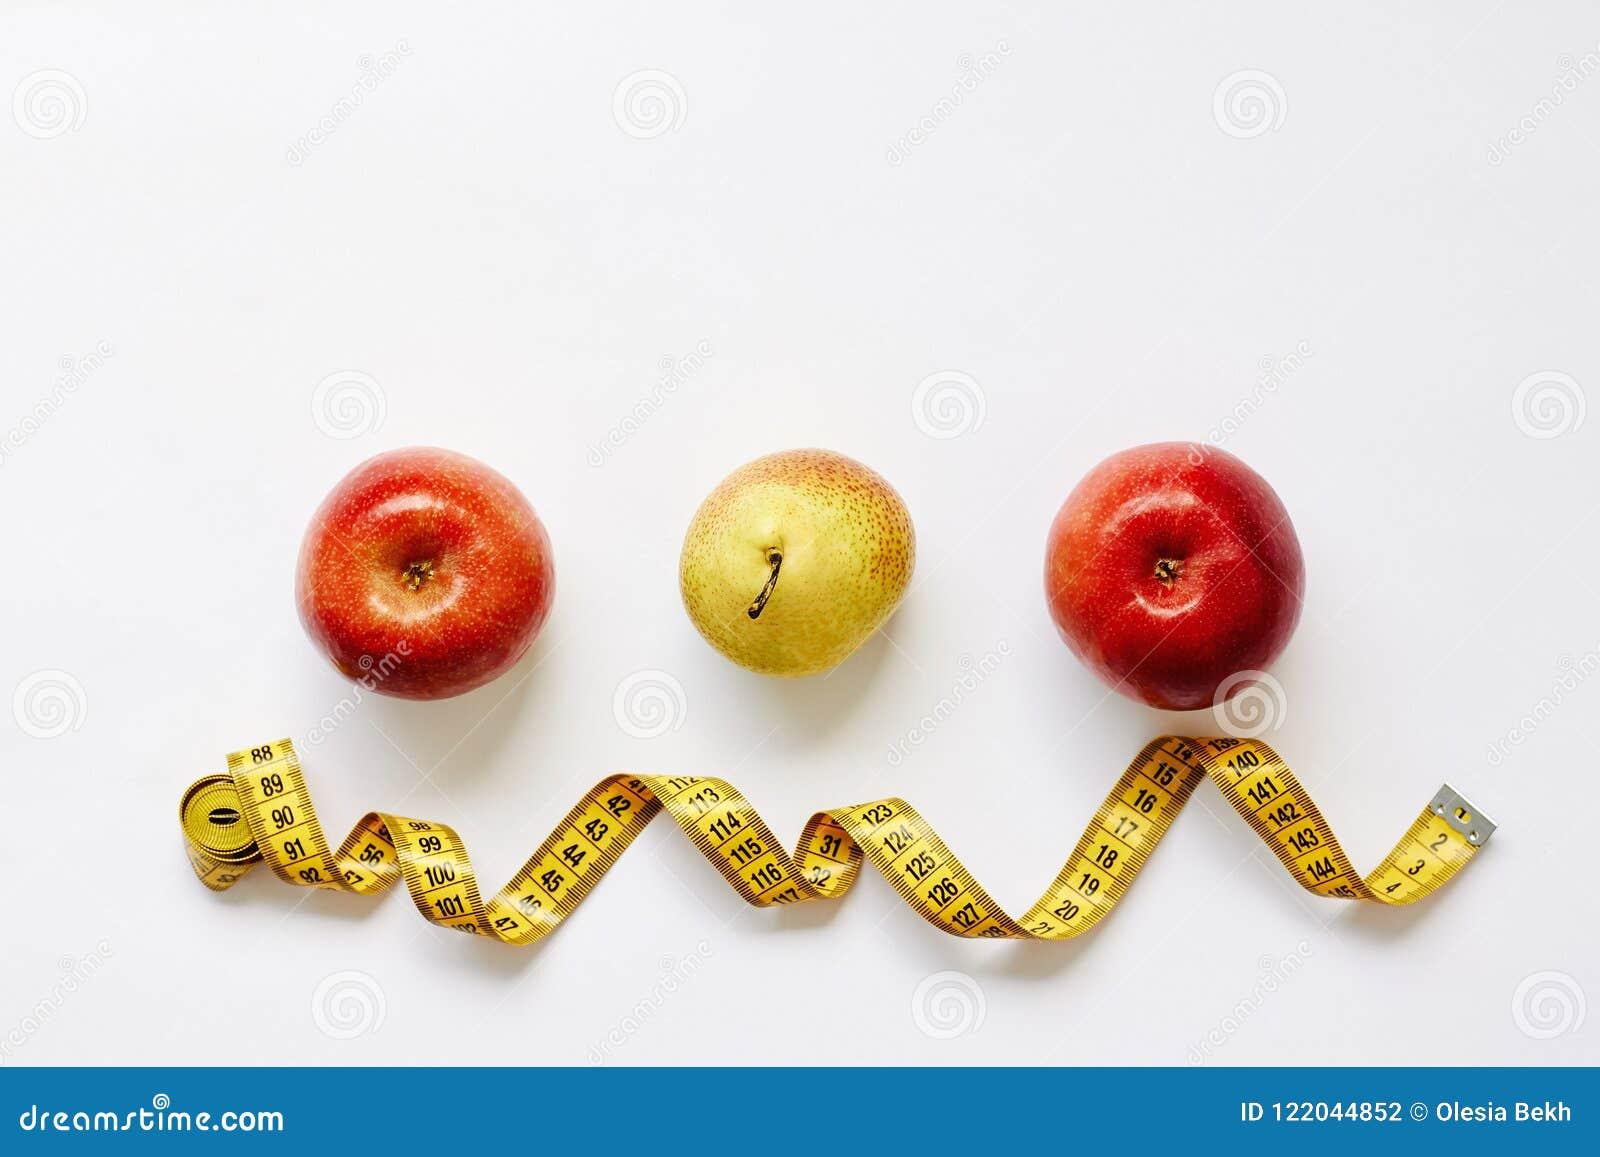 Maatregelenband en verse vruchten appelen, peer op witte achtergrond Verliesgewicht, slank lichaam, gezonde voedingconcept